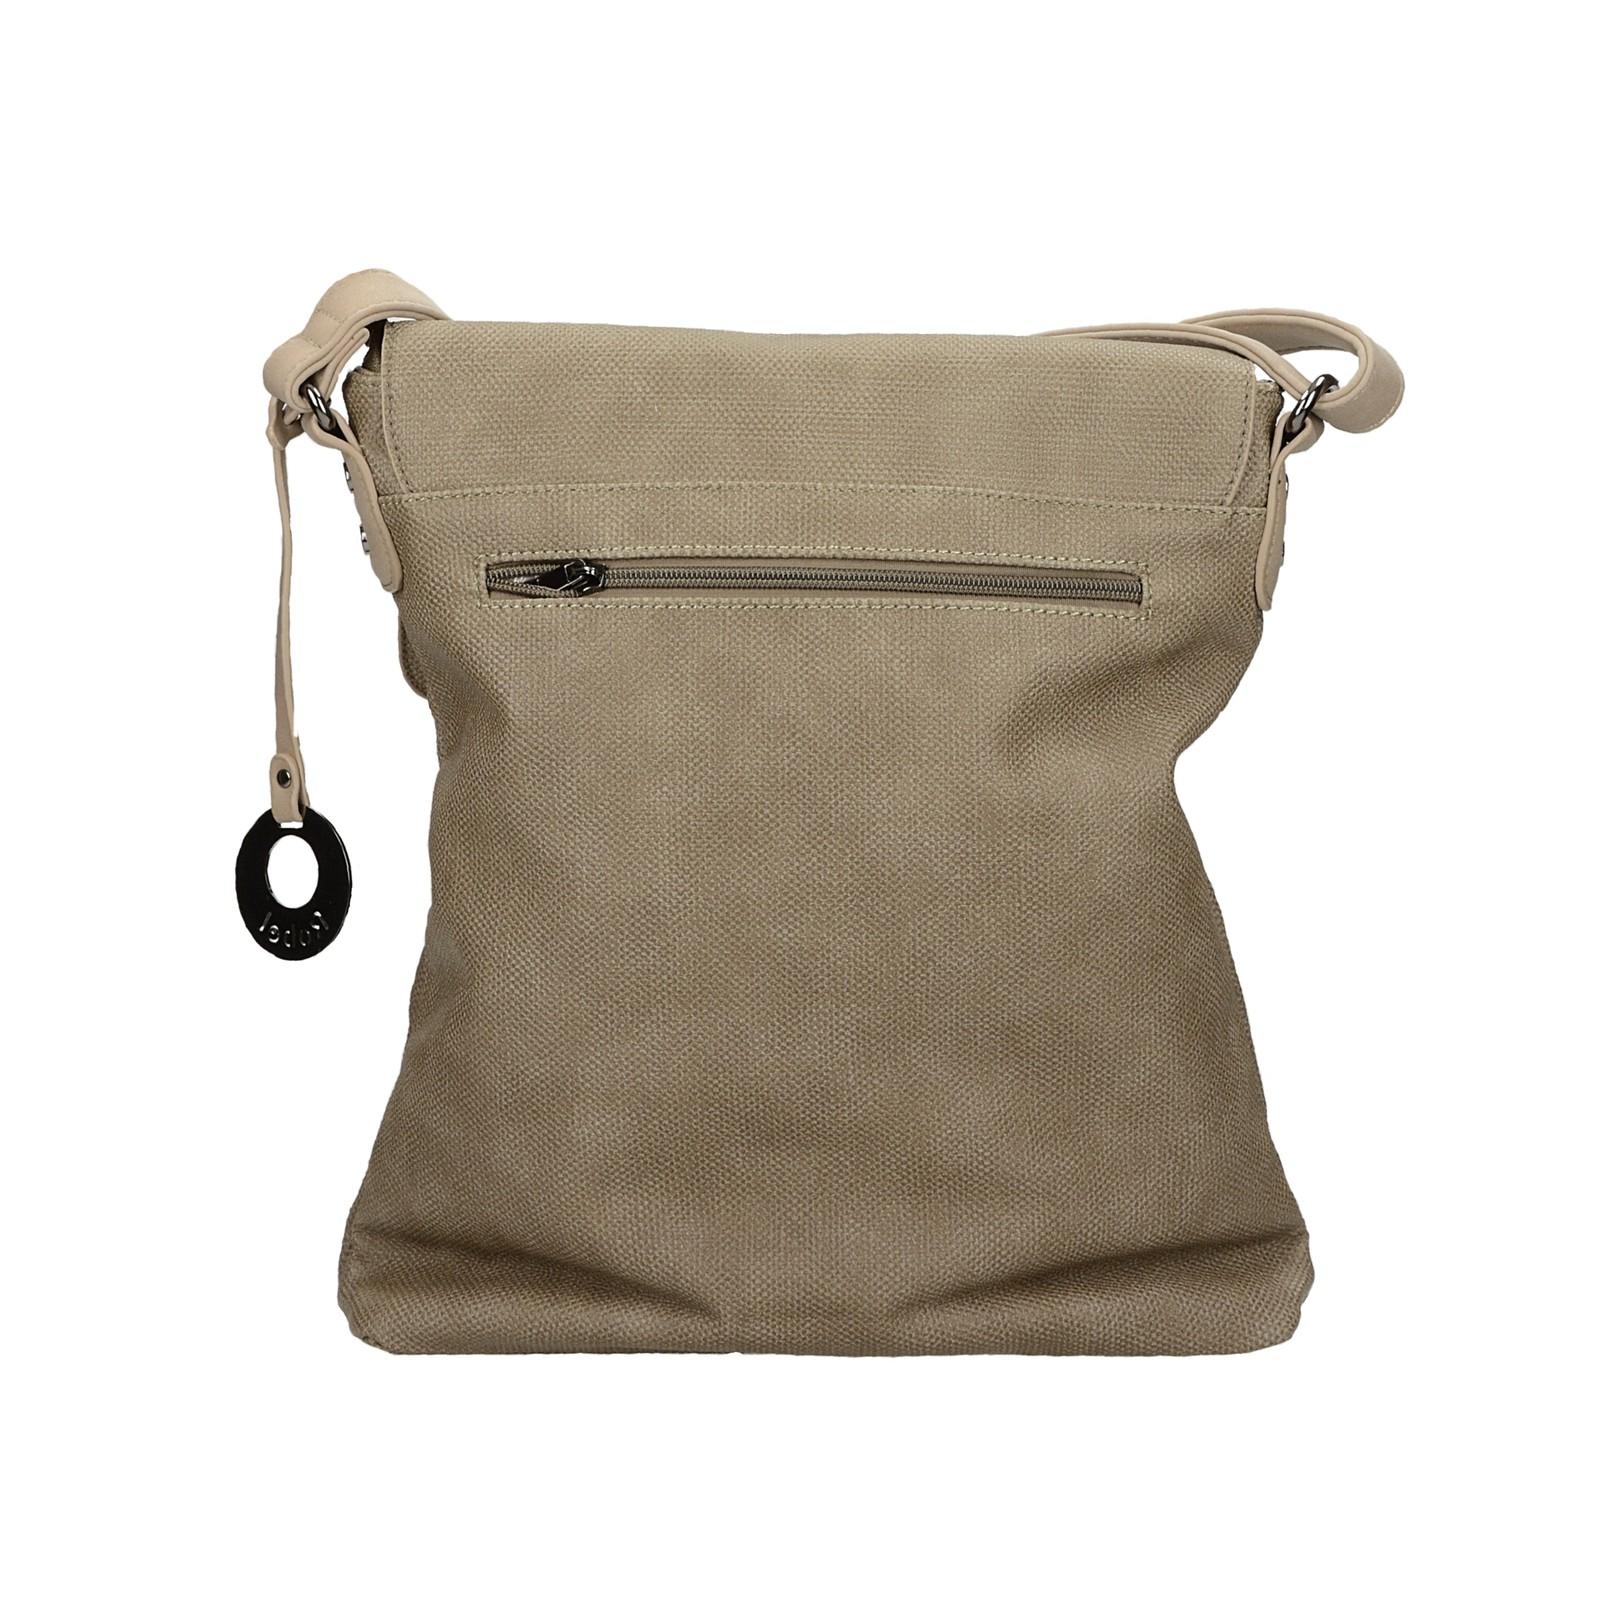 Robel dámská praktická kabelka - hnědá